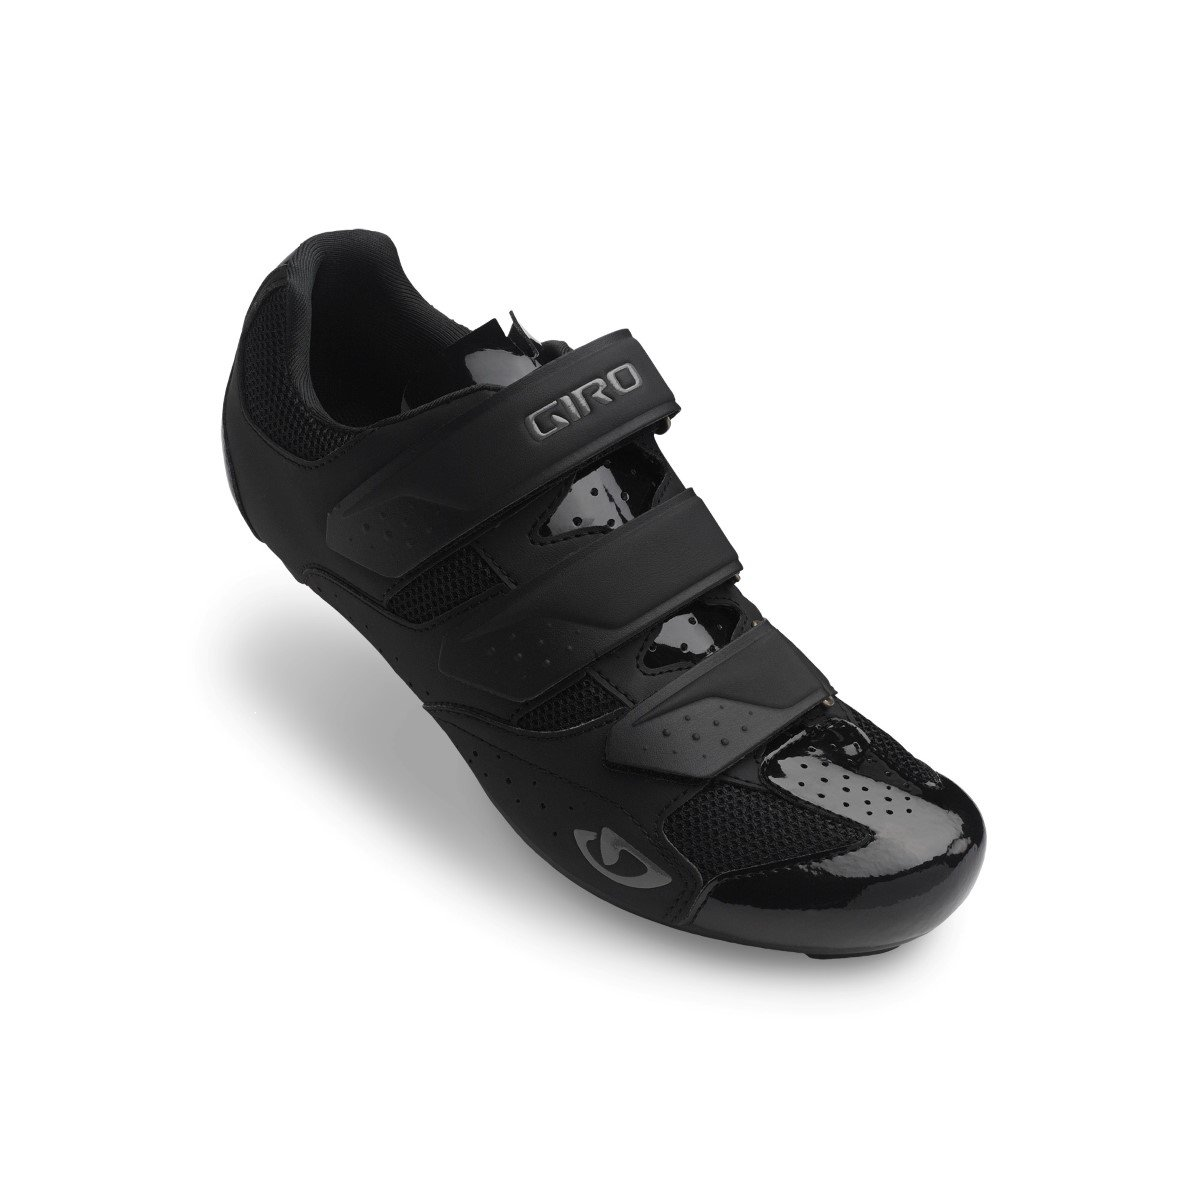 Giro Men's Techne Cycling Shoe Black 45